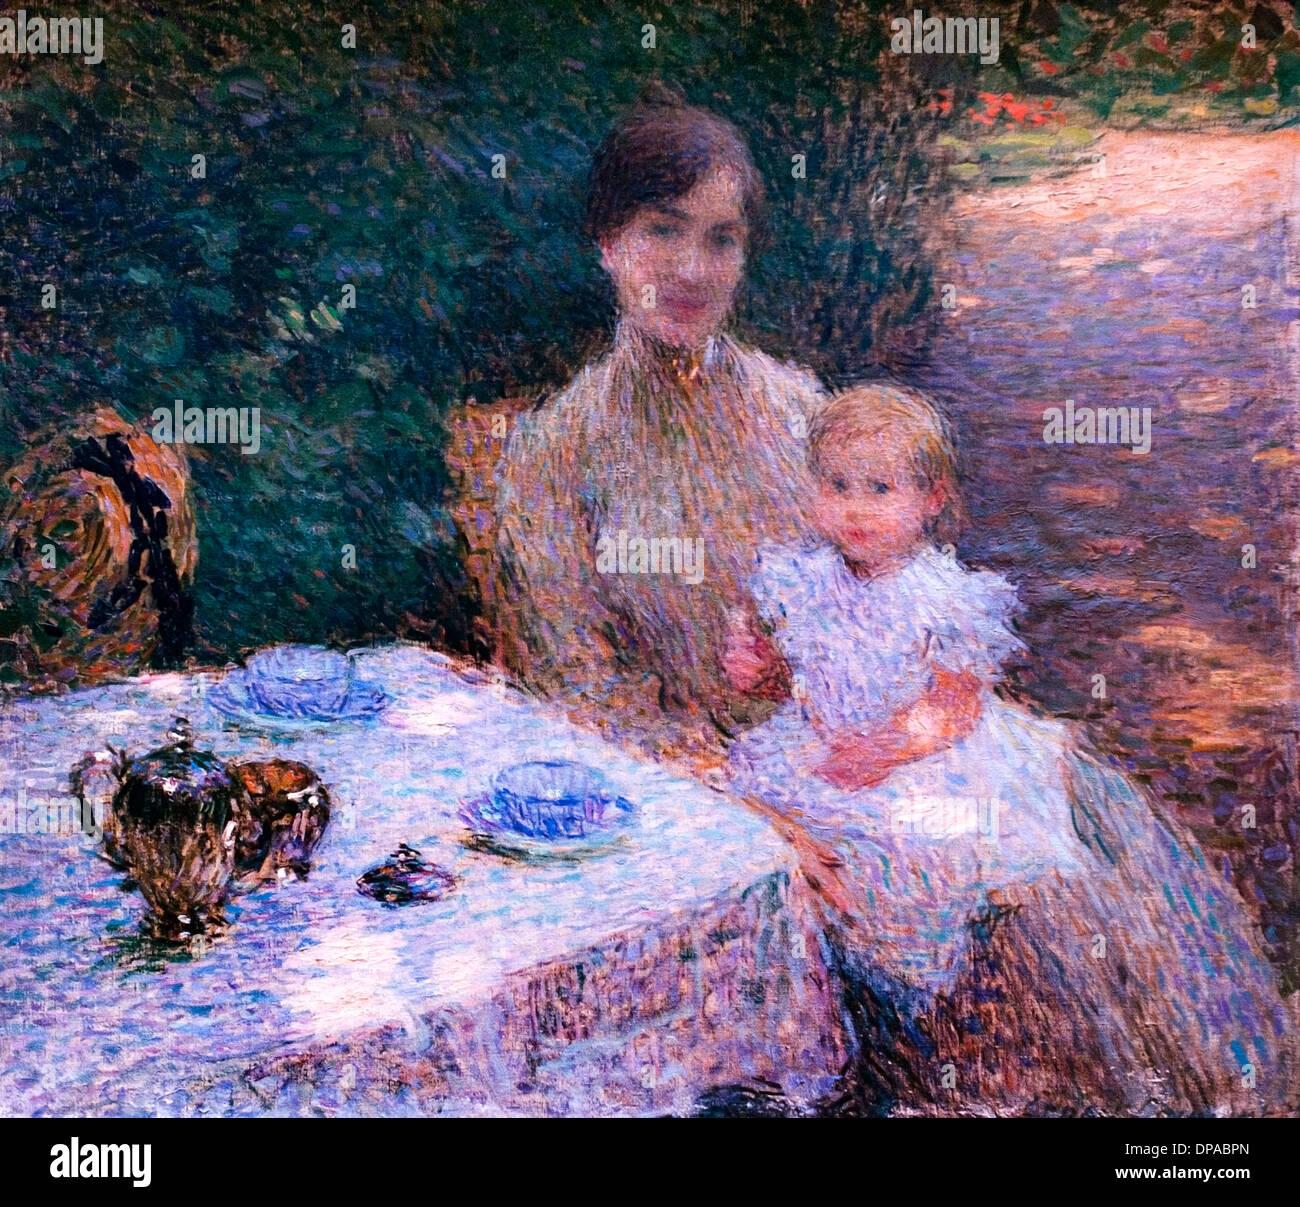 Le Gouter dans le jardin - Il gusto del giardino 1904 Ernest Joseph Laurent 1859 - 1929 Francia - Francese Foto Stock